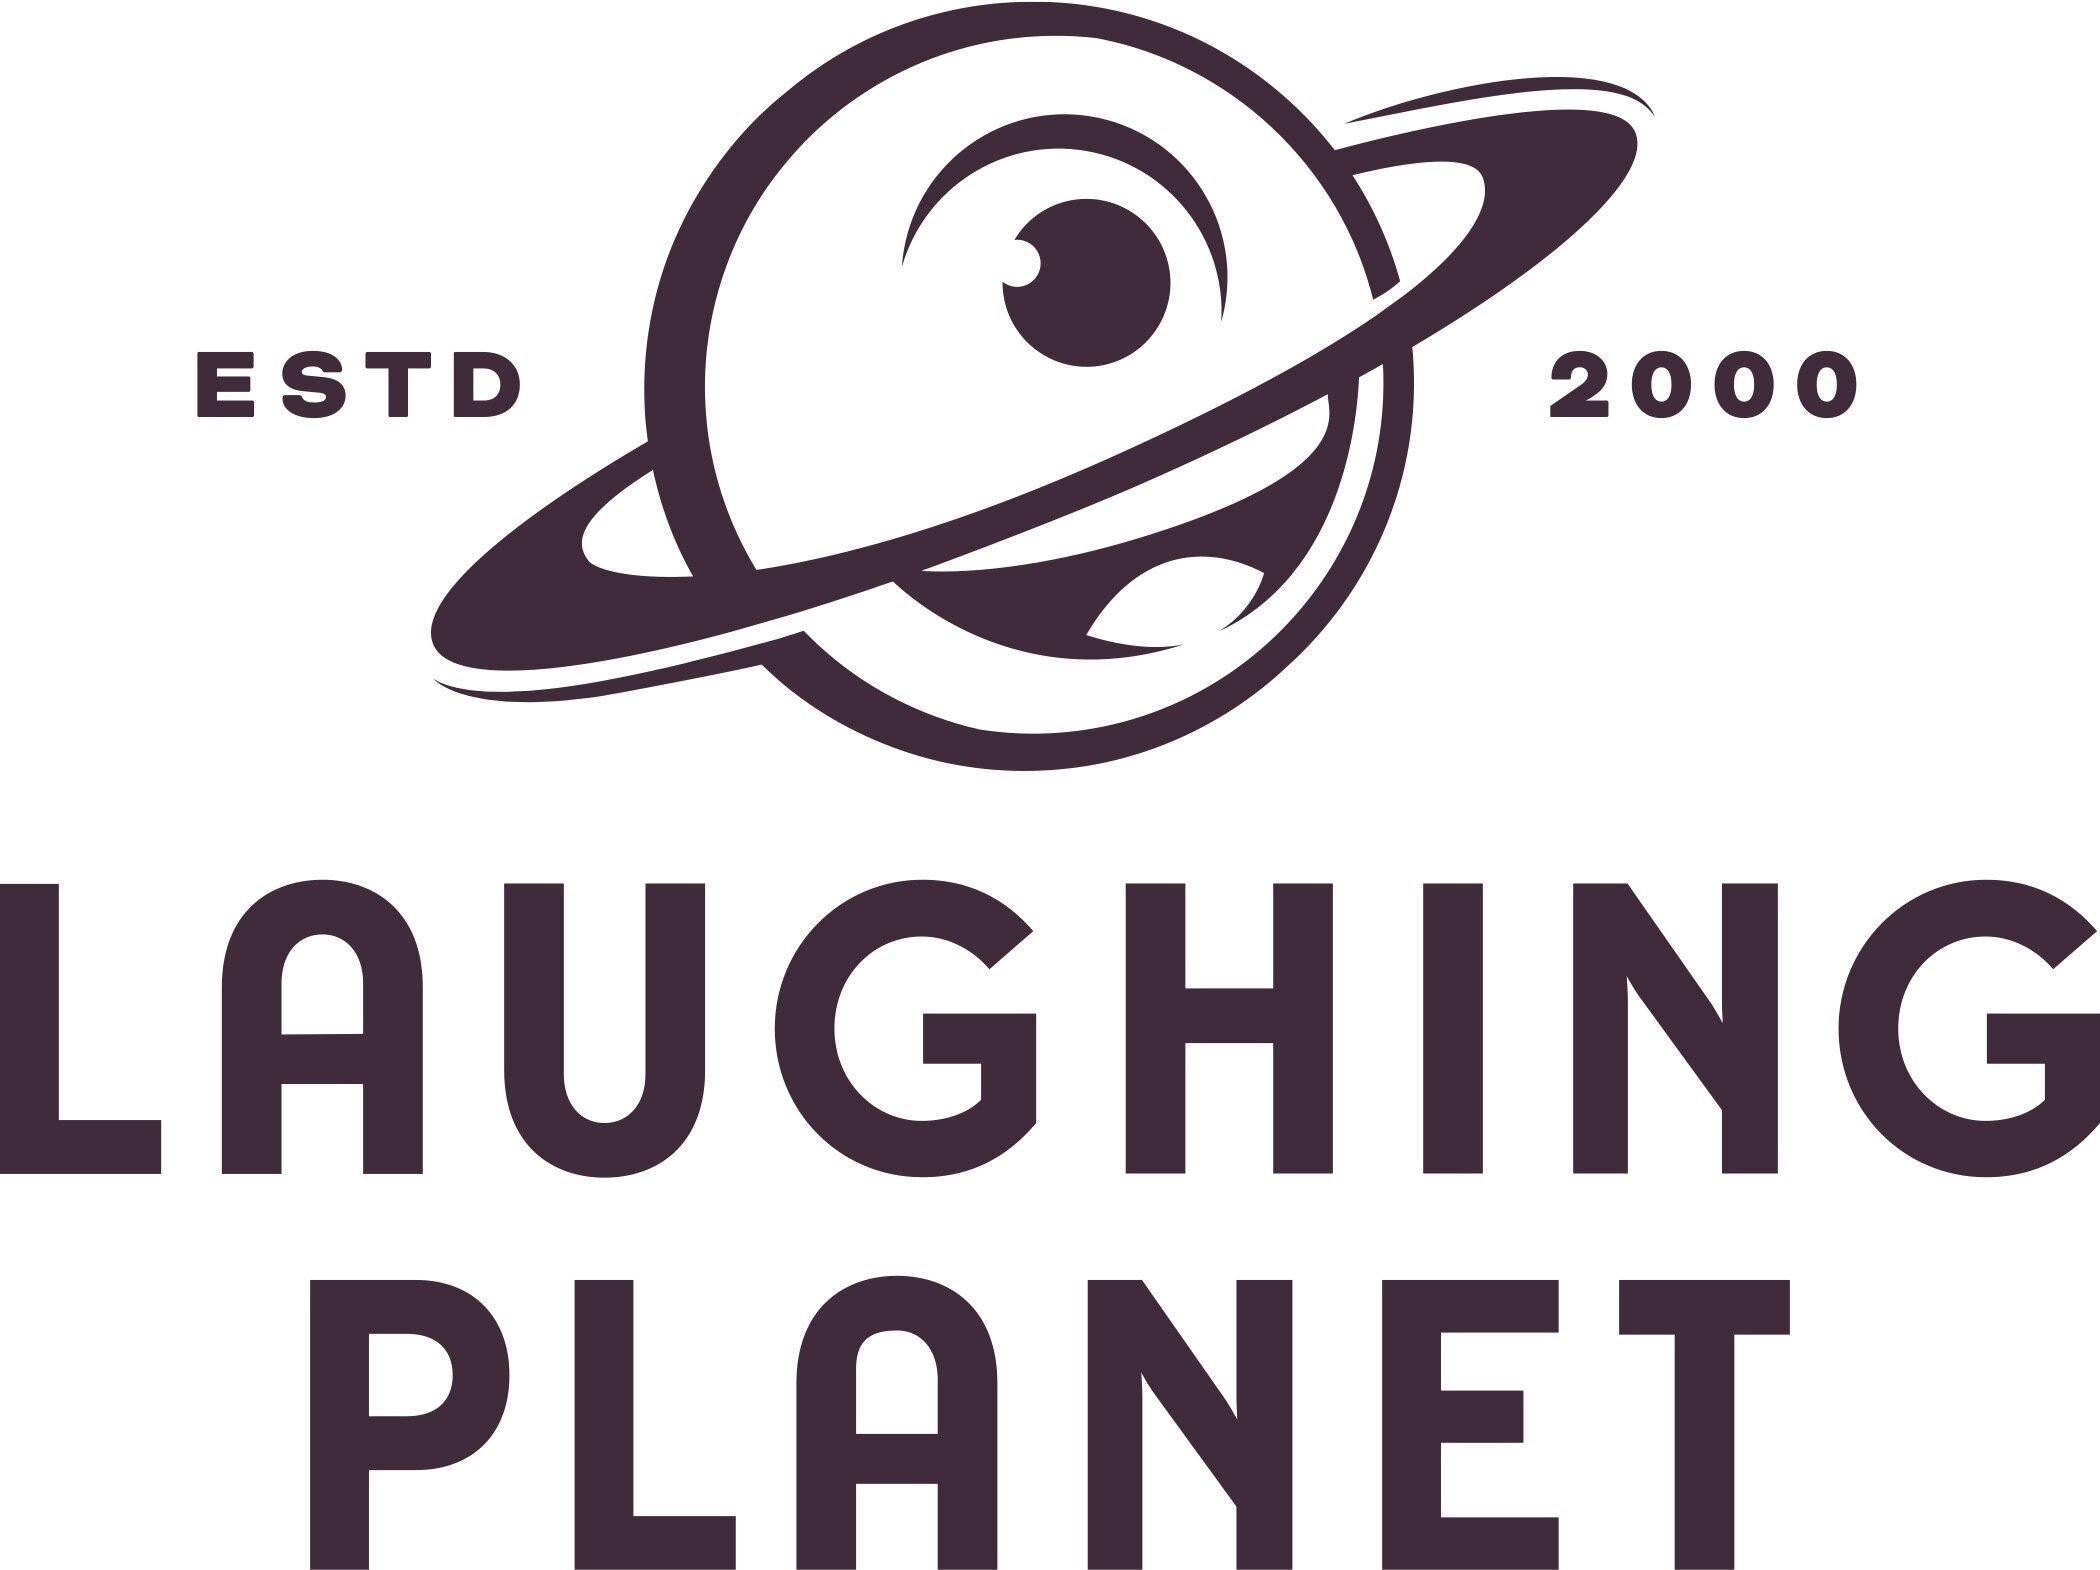 LaughingPlanet-Eggplant No Tagline.jpg